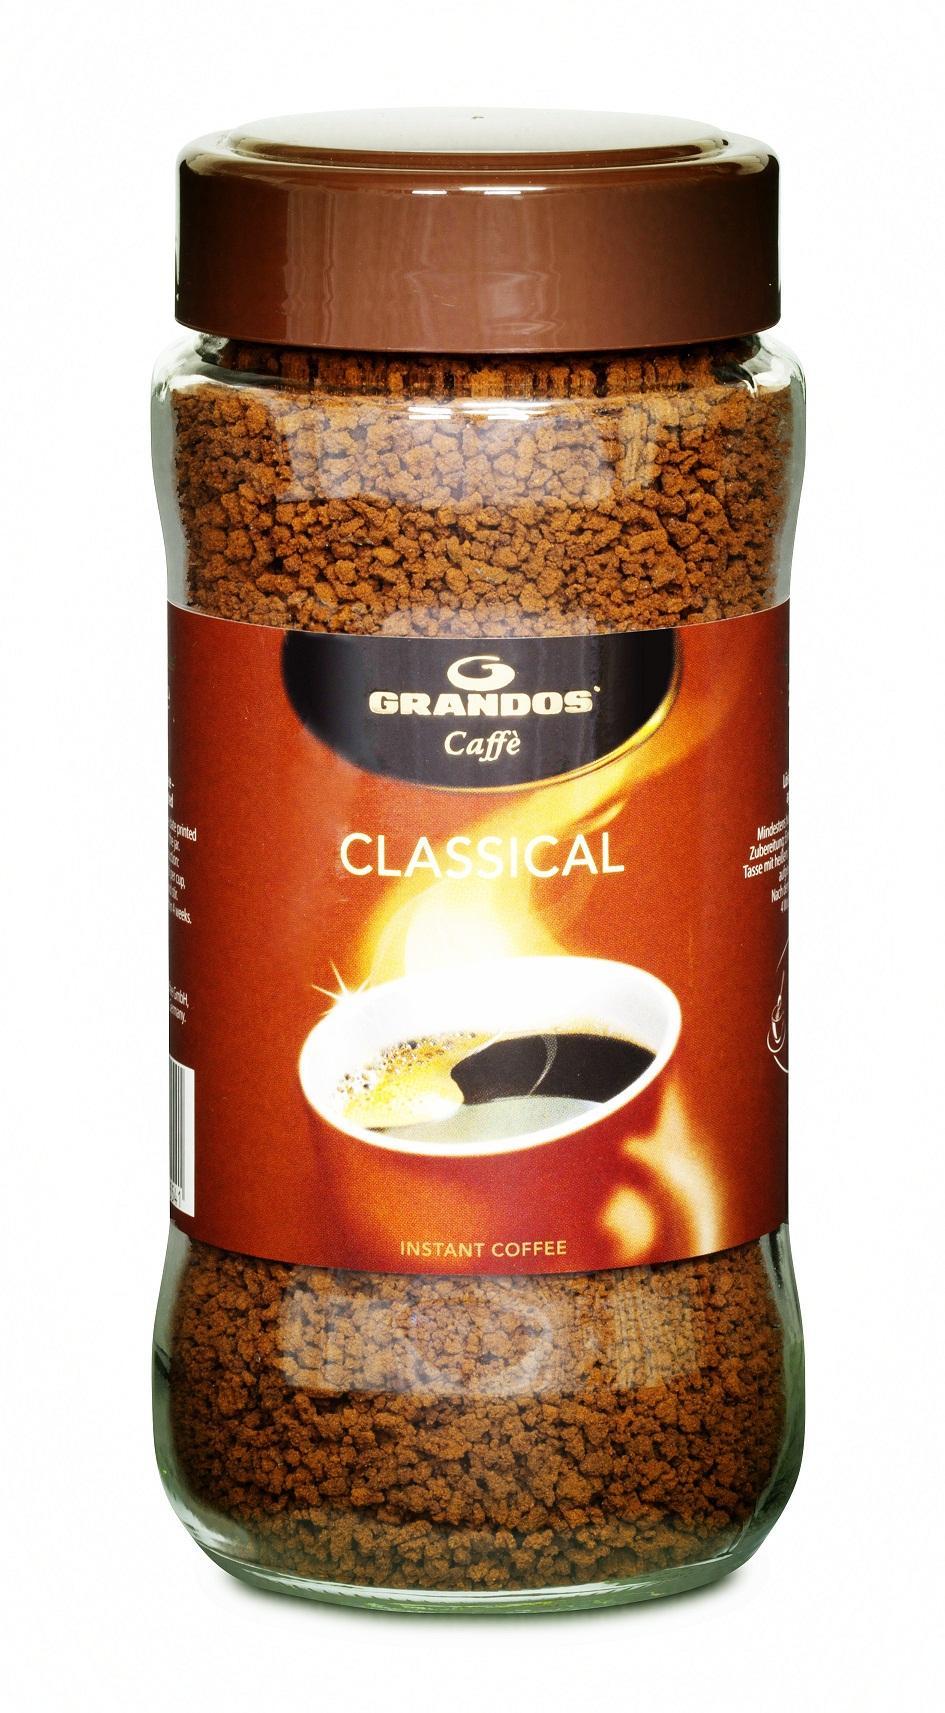 速溶咖啡及咖啡粉